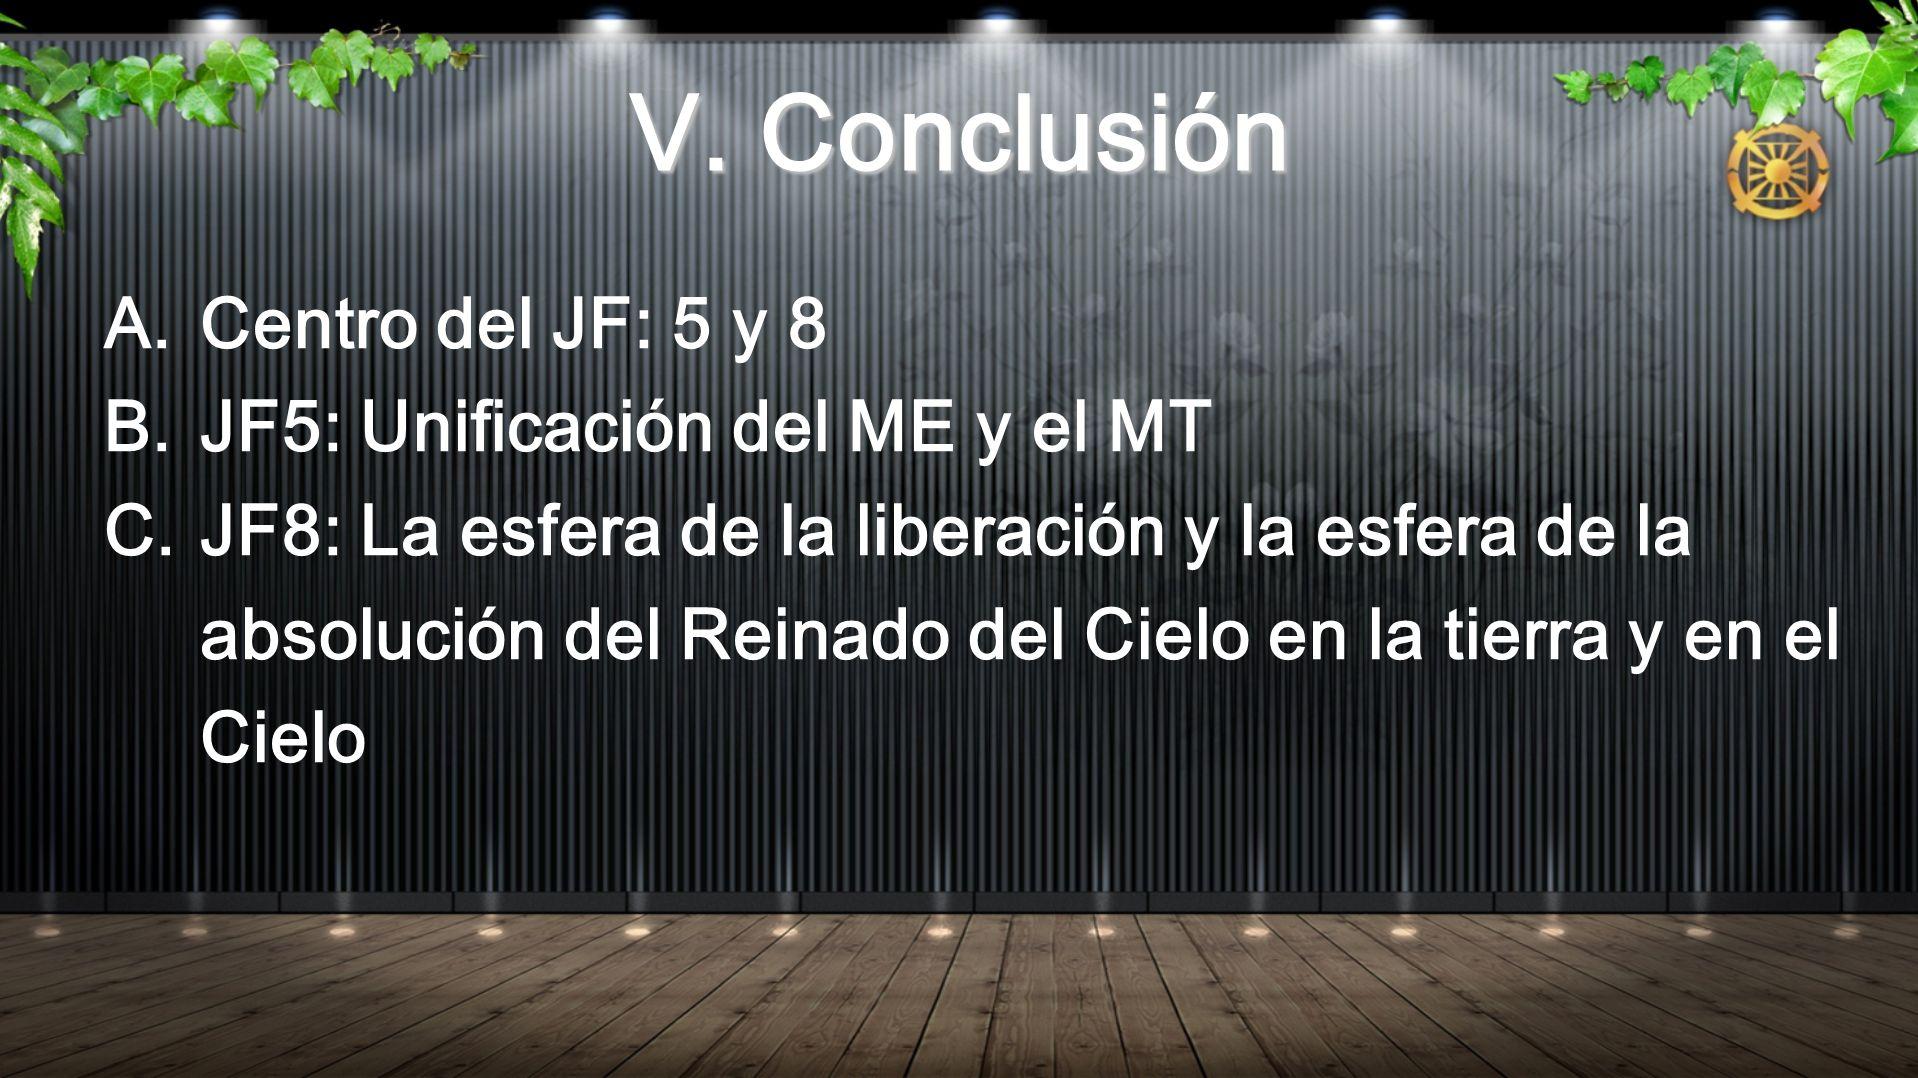 V. Conclusión A.Centro del JF: 5 y 8 B.JF5: Unificación del ME y el MT C.JF8: La esfera de la liberación y la esfera de la absolución del Reinado del